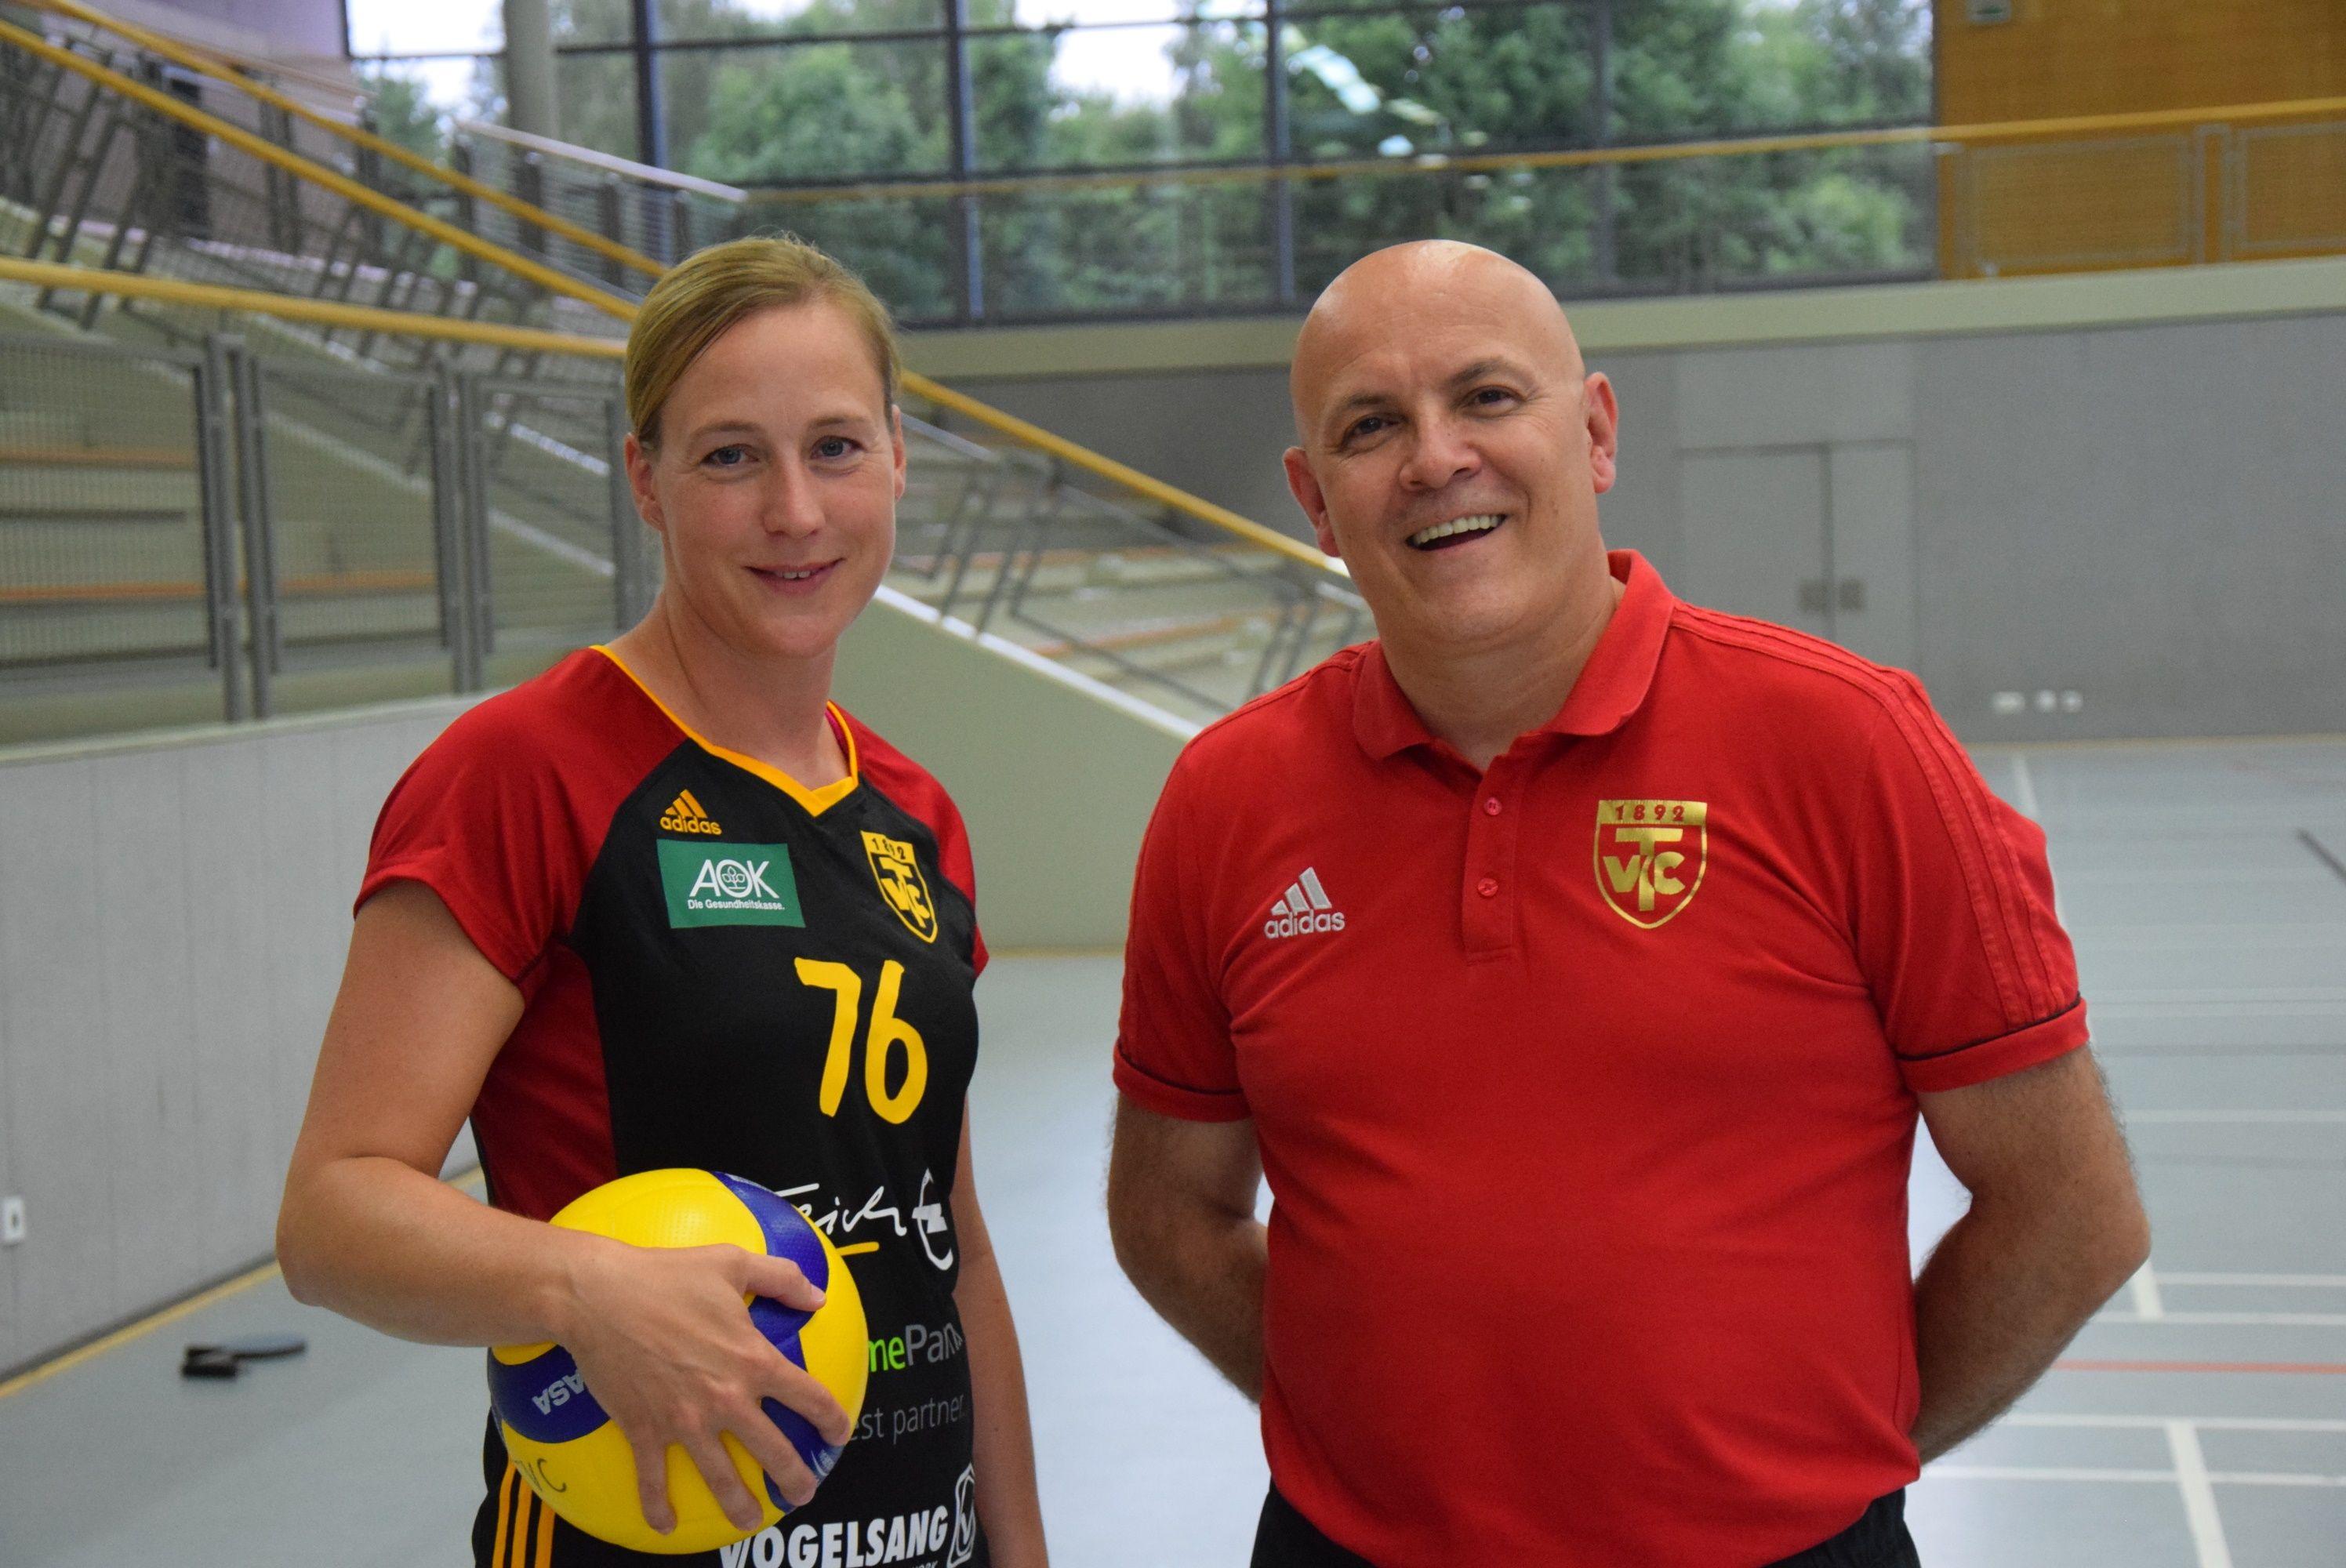 Willkommen beim TVC: Trainer Tomislav Ristoski freut sich über Neuzugang Maria Paulat. Die Mittelblockerin hat zuletzt beim Regionalligisten TSG Westerstede gespielt. Foto: Wessel